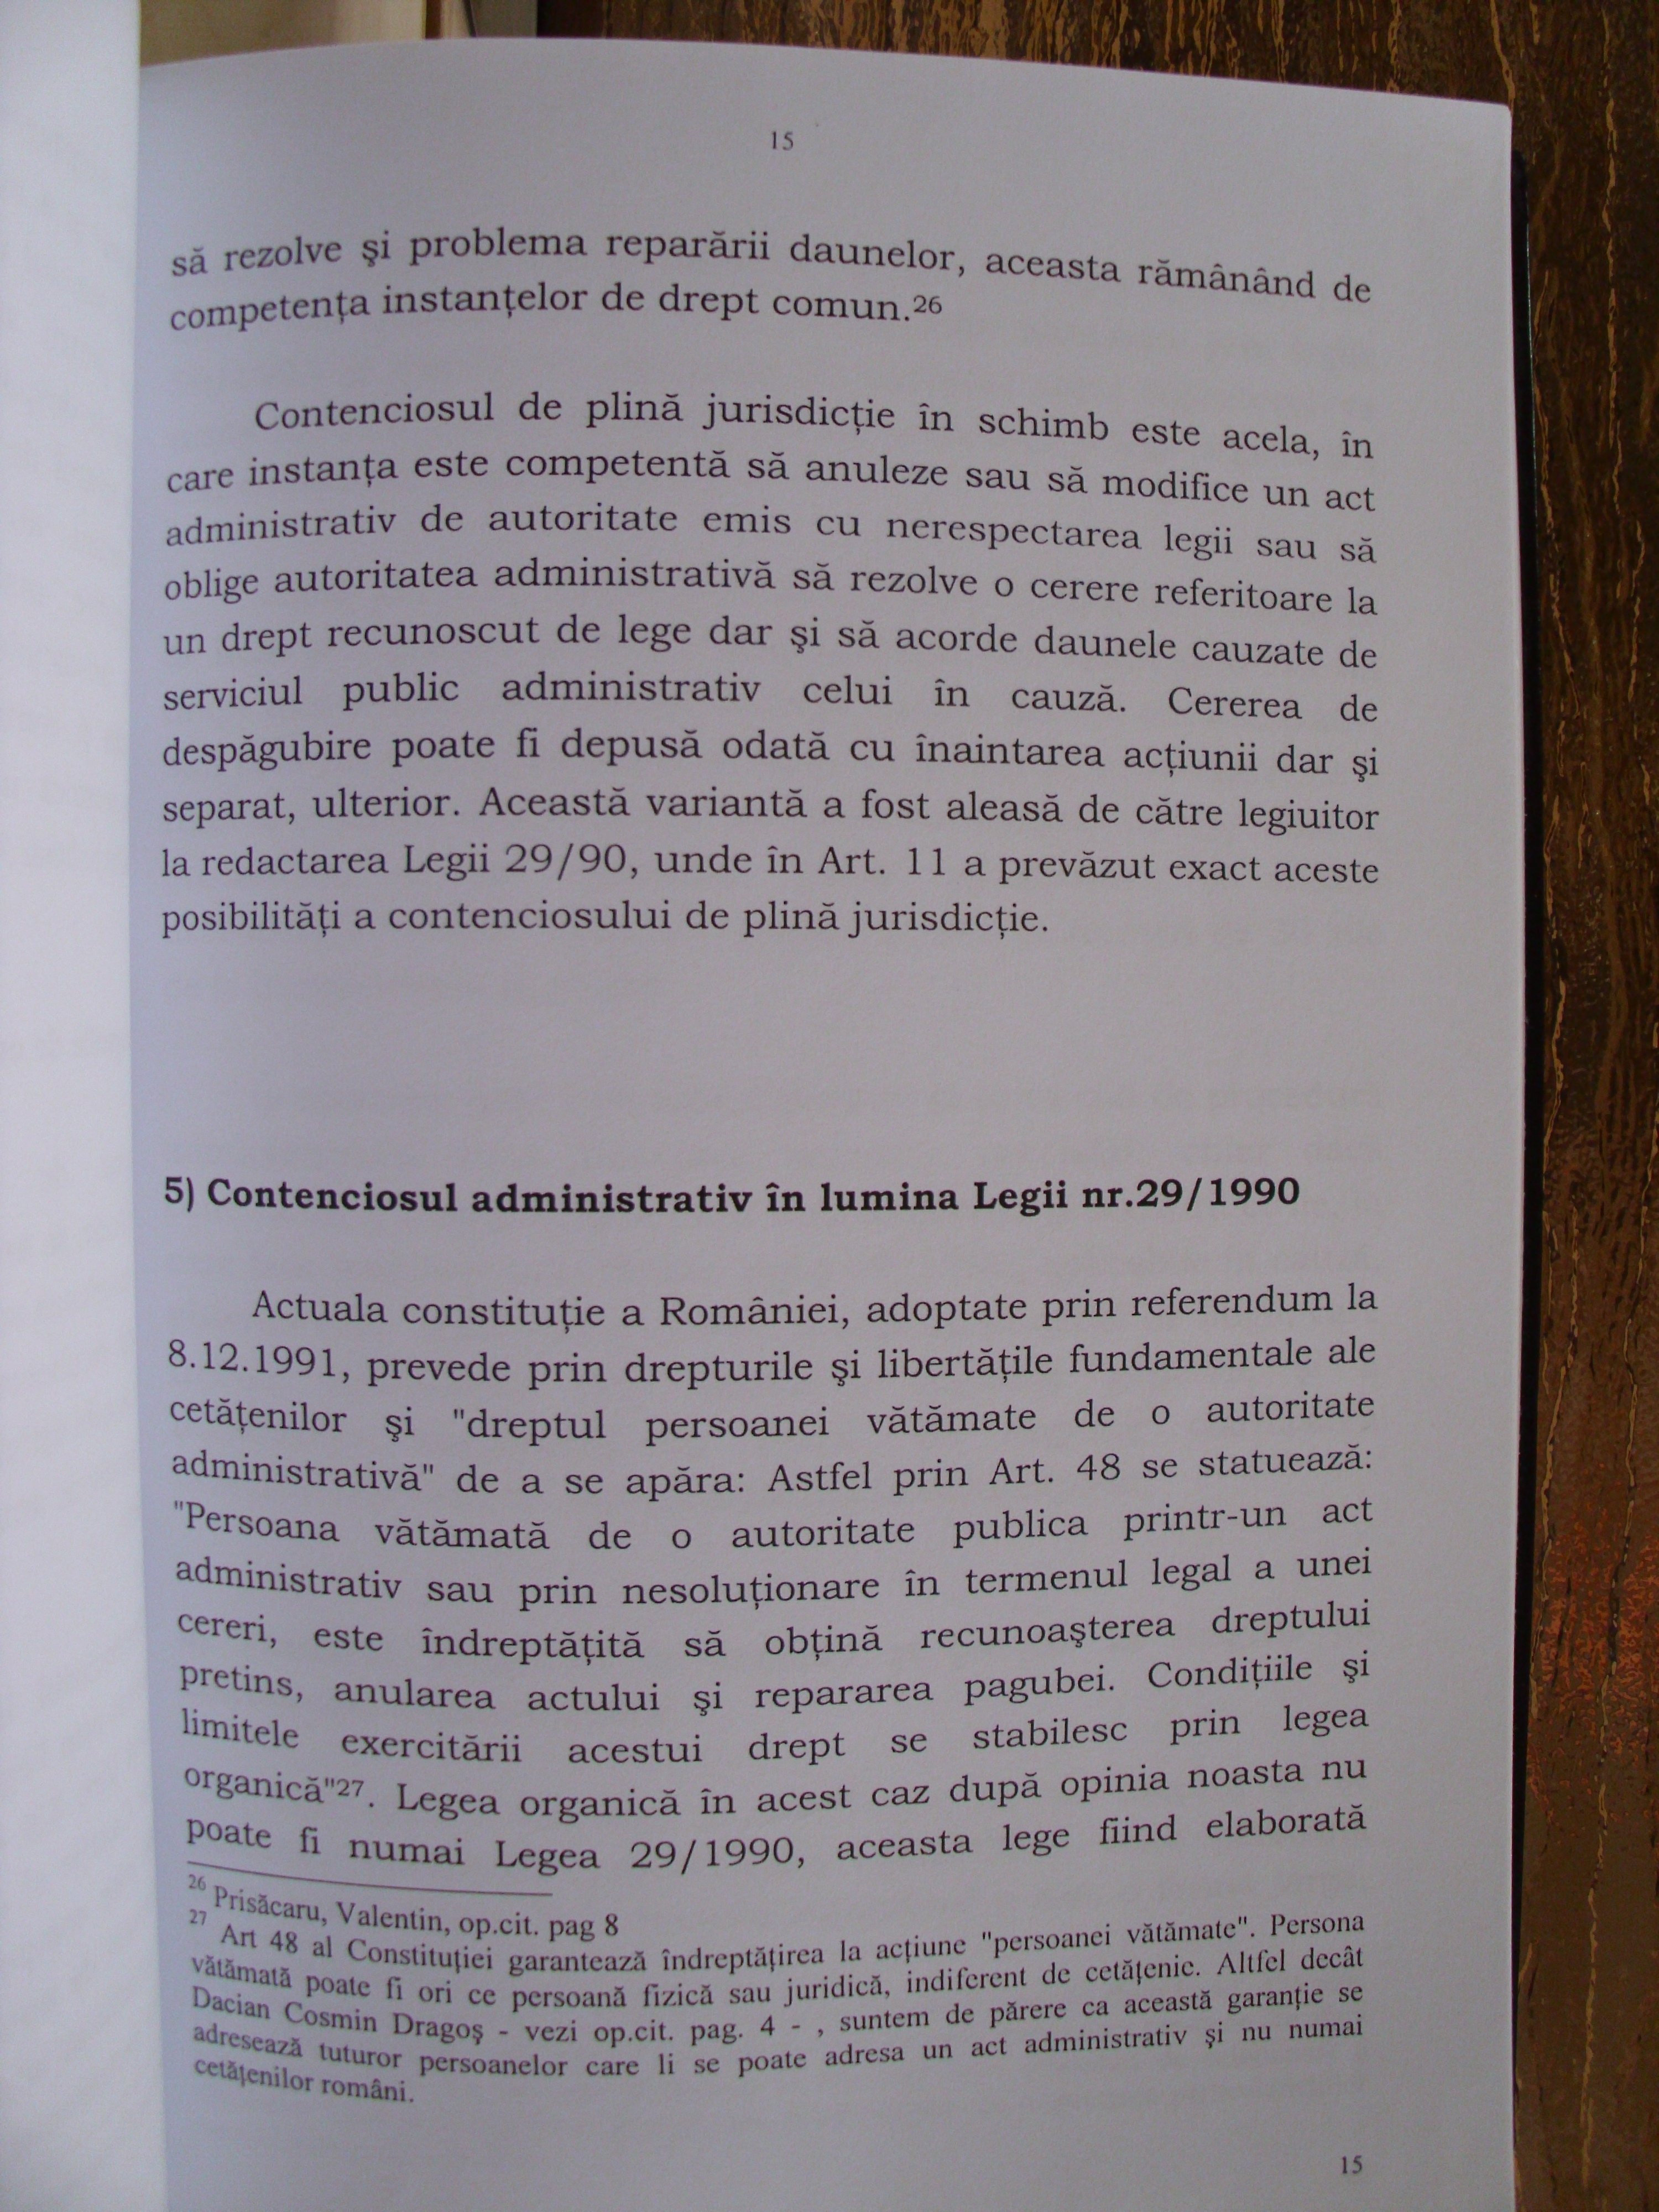 DSCI0051